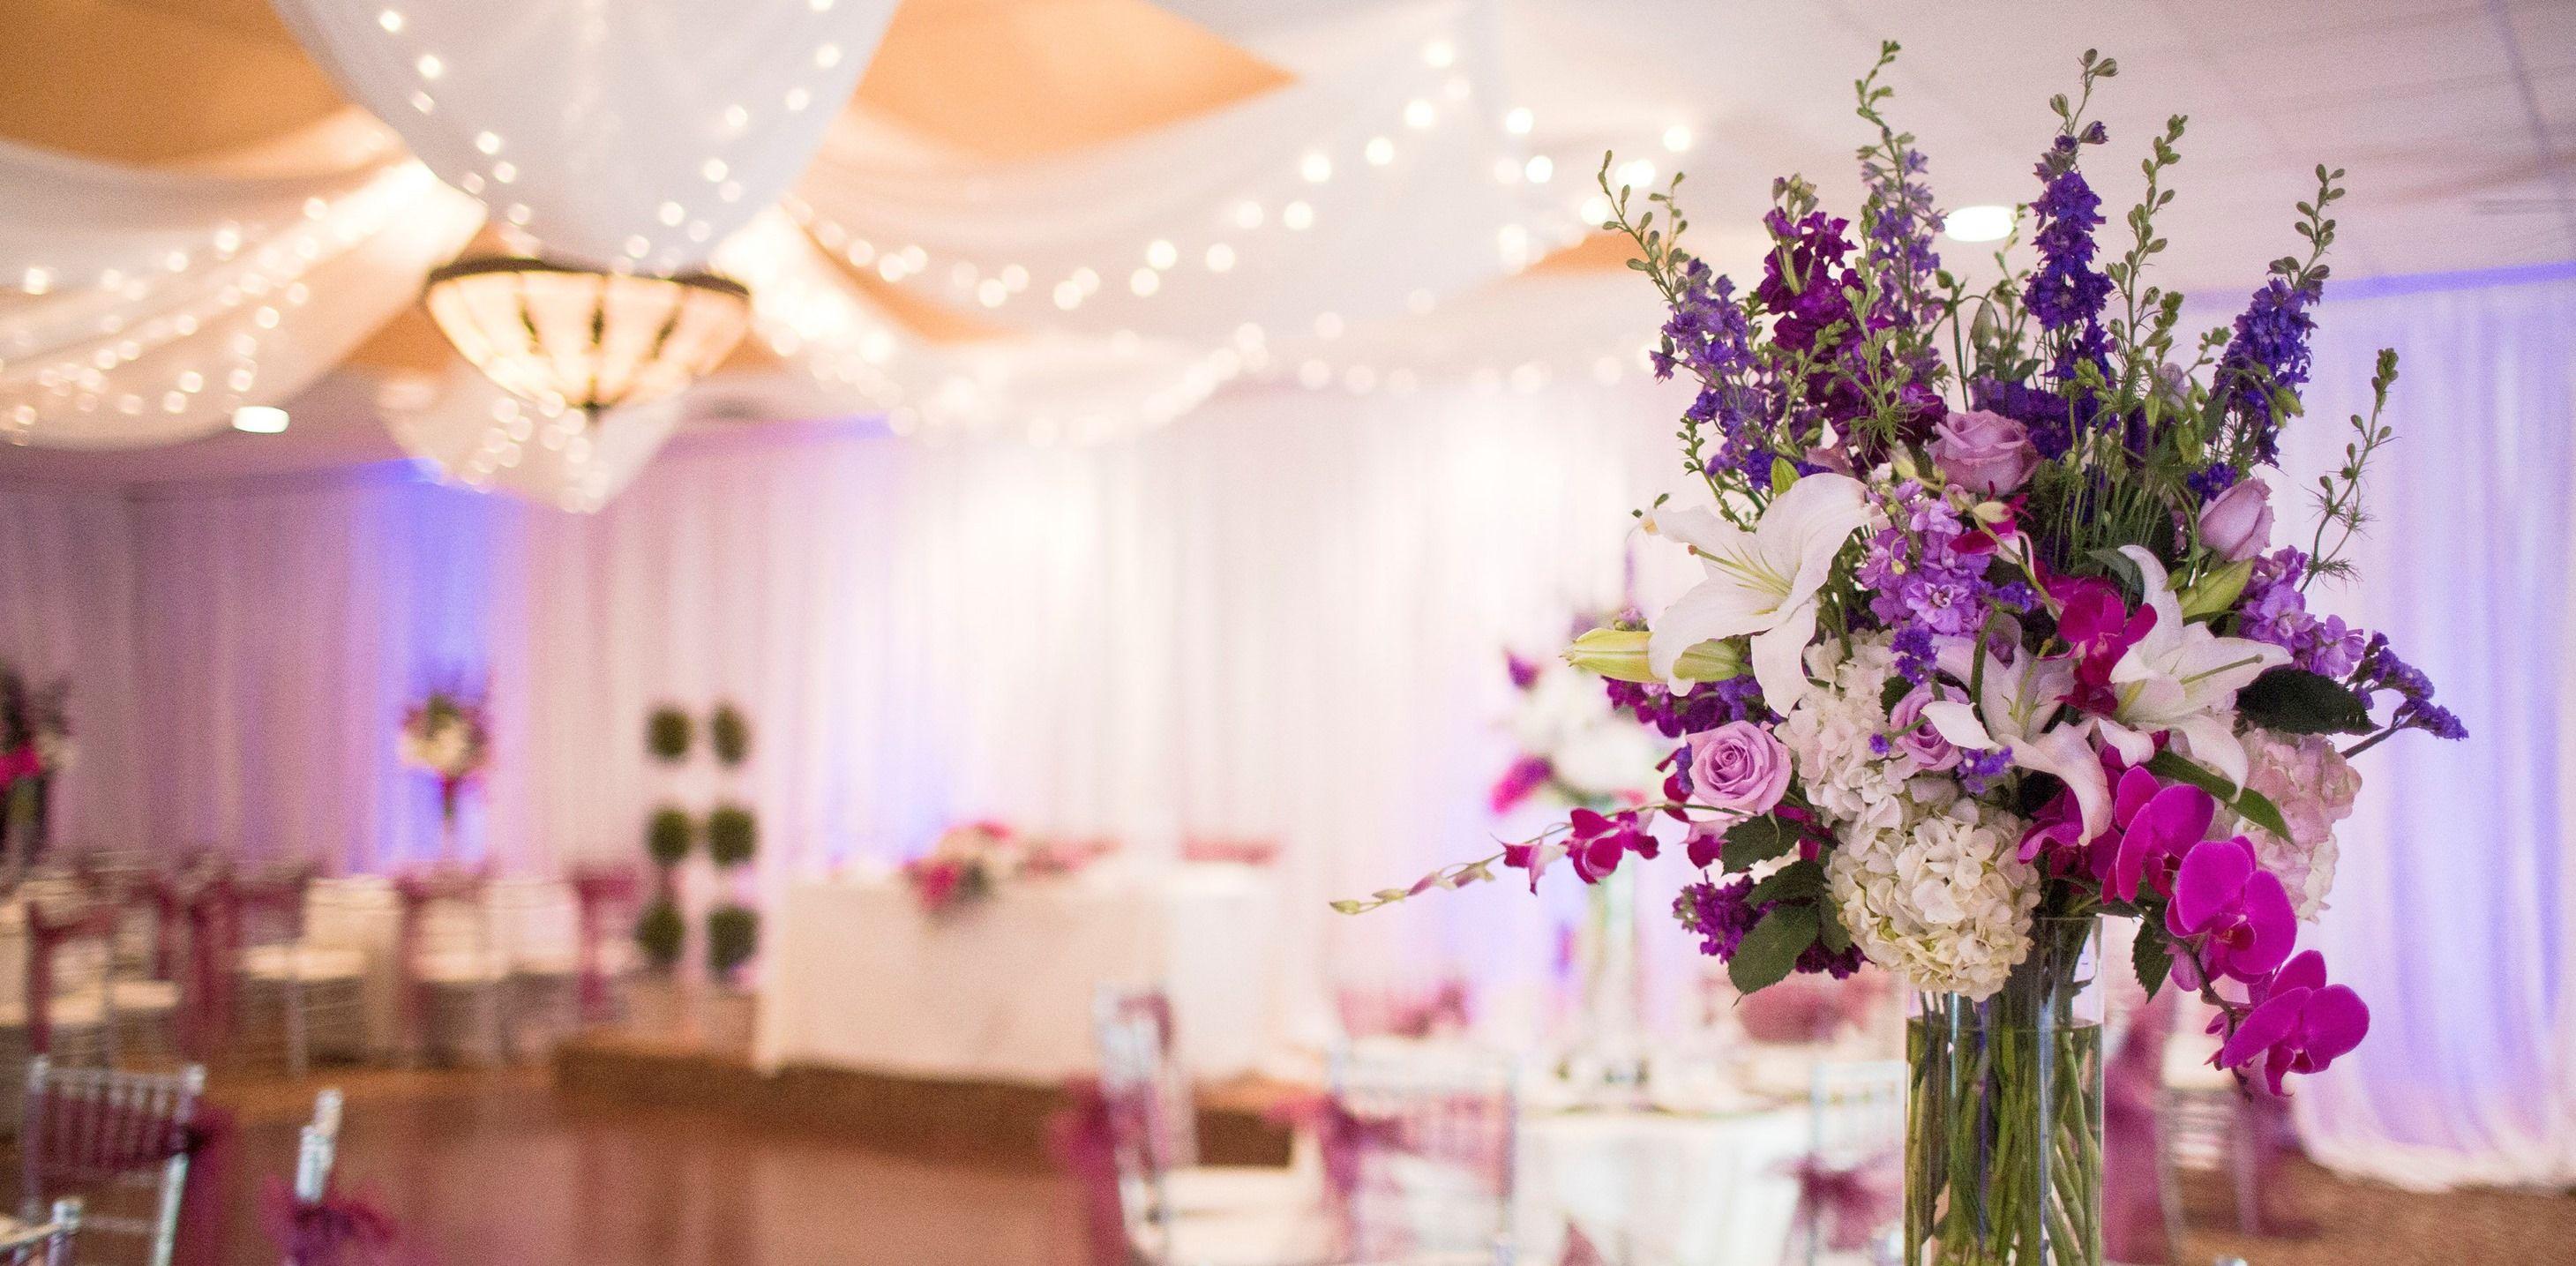 Gala Special Events Venue